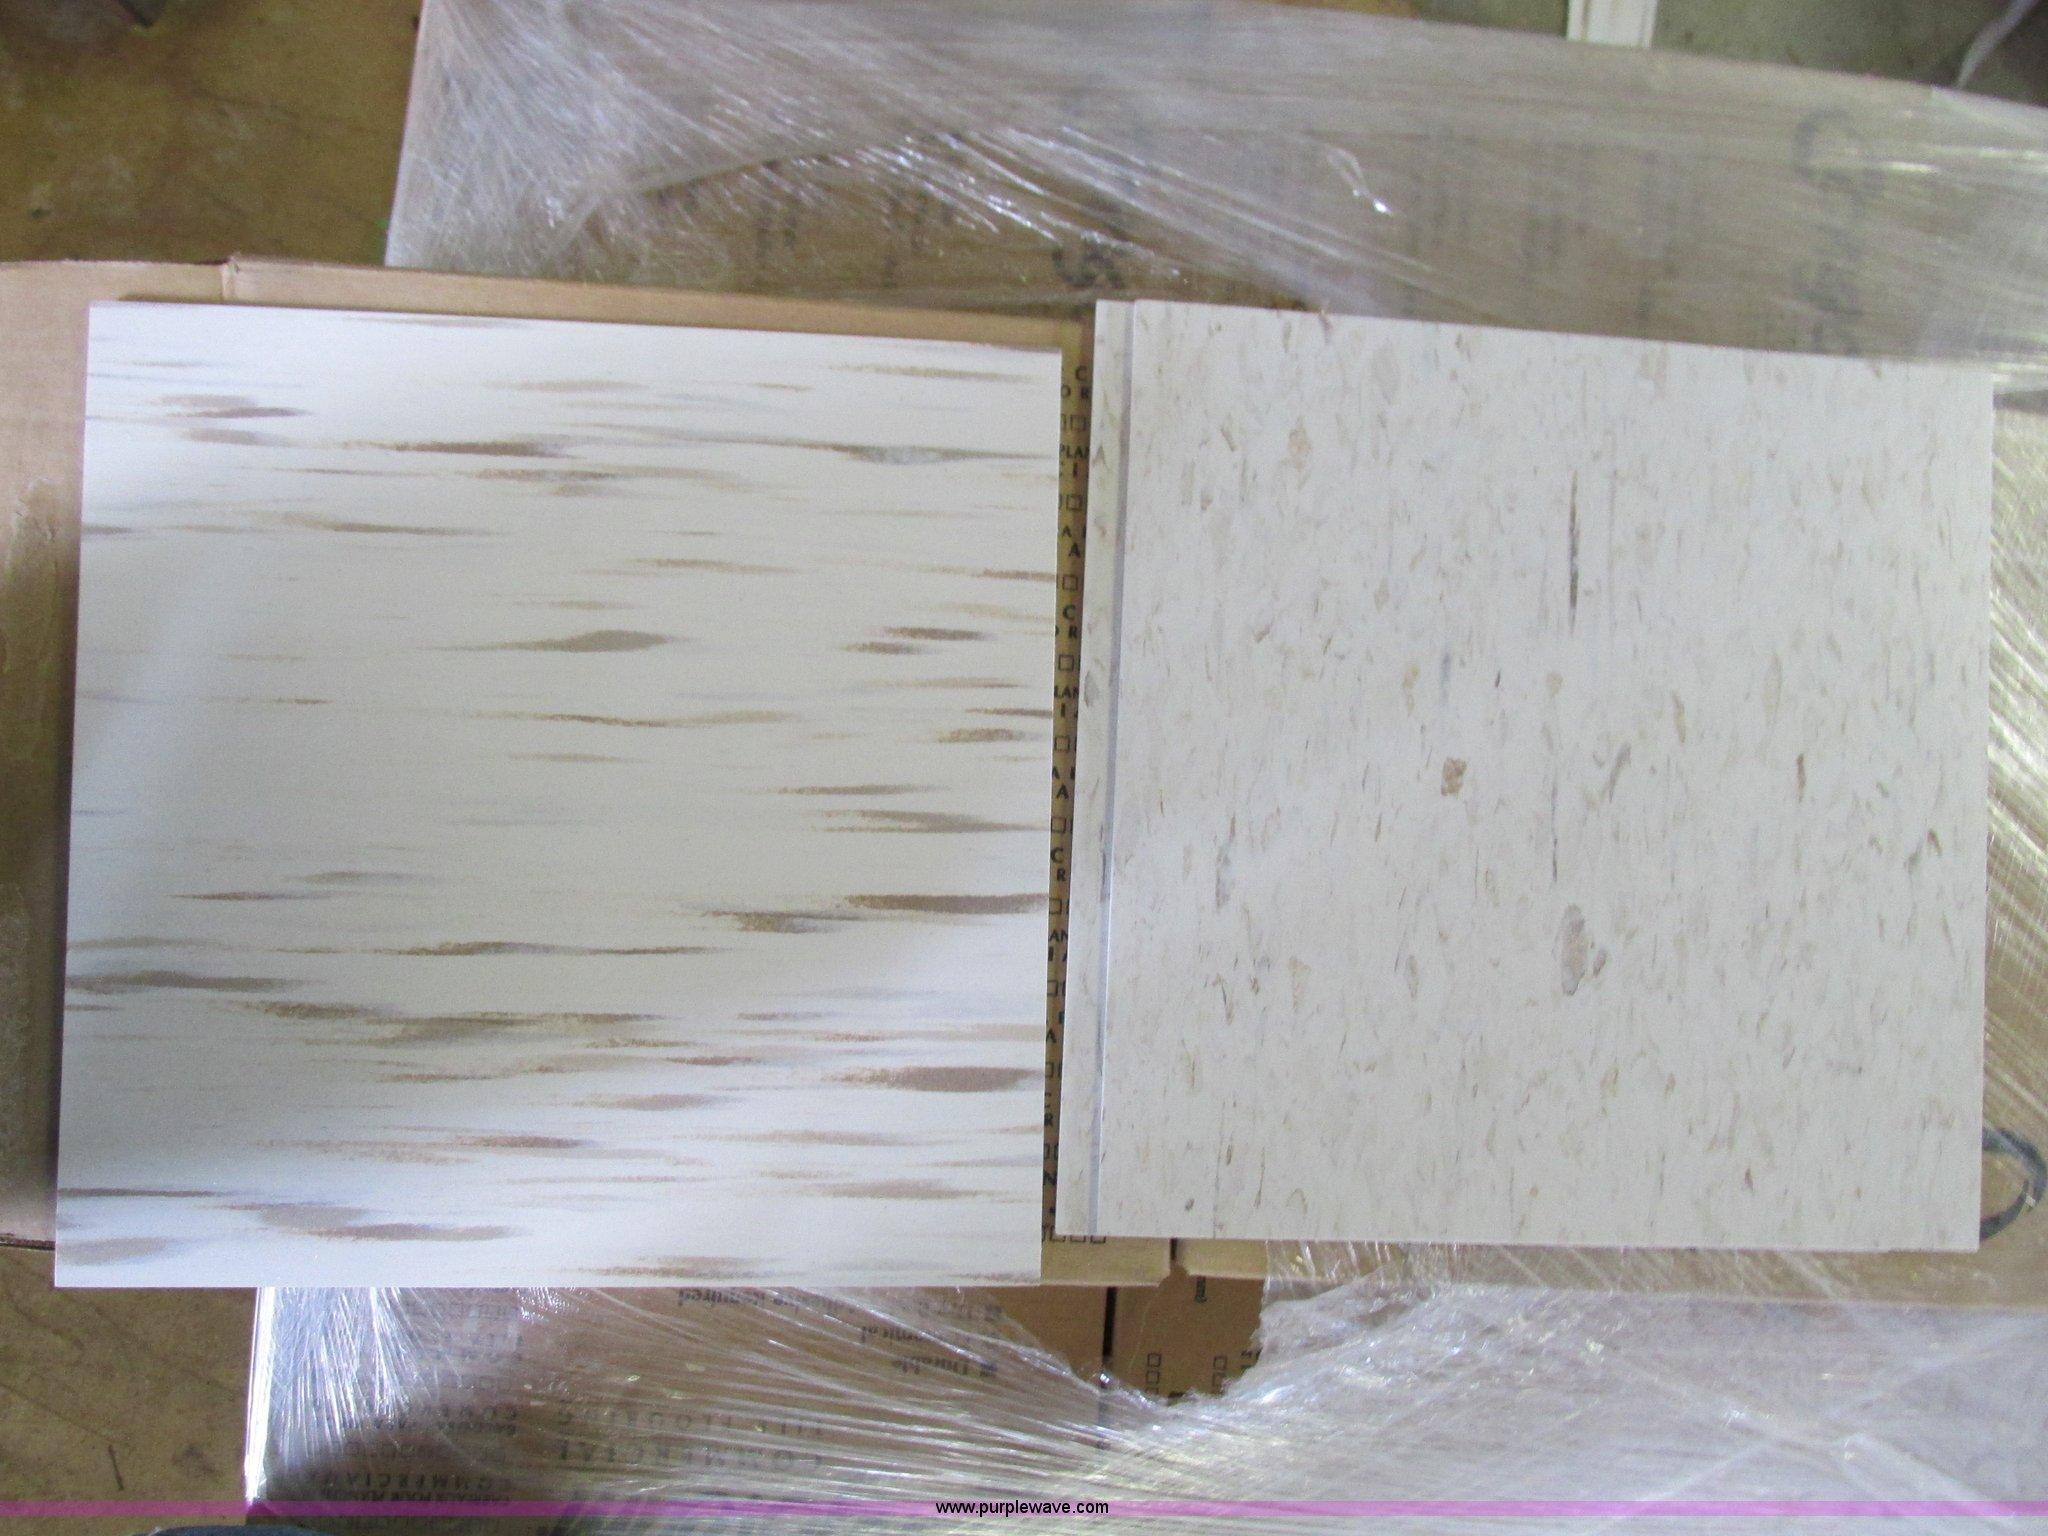 Congoleum commercial tile flooring | Item G9347 | SOLD! Marc...